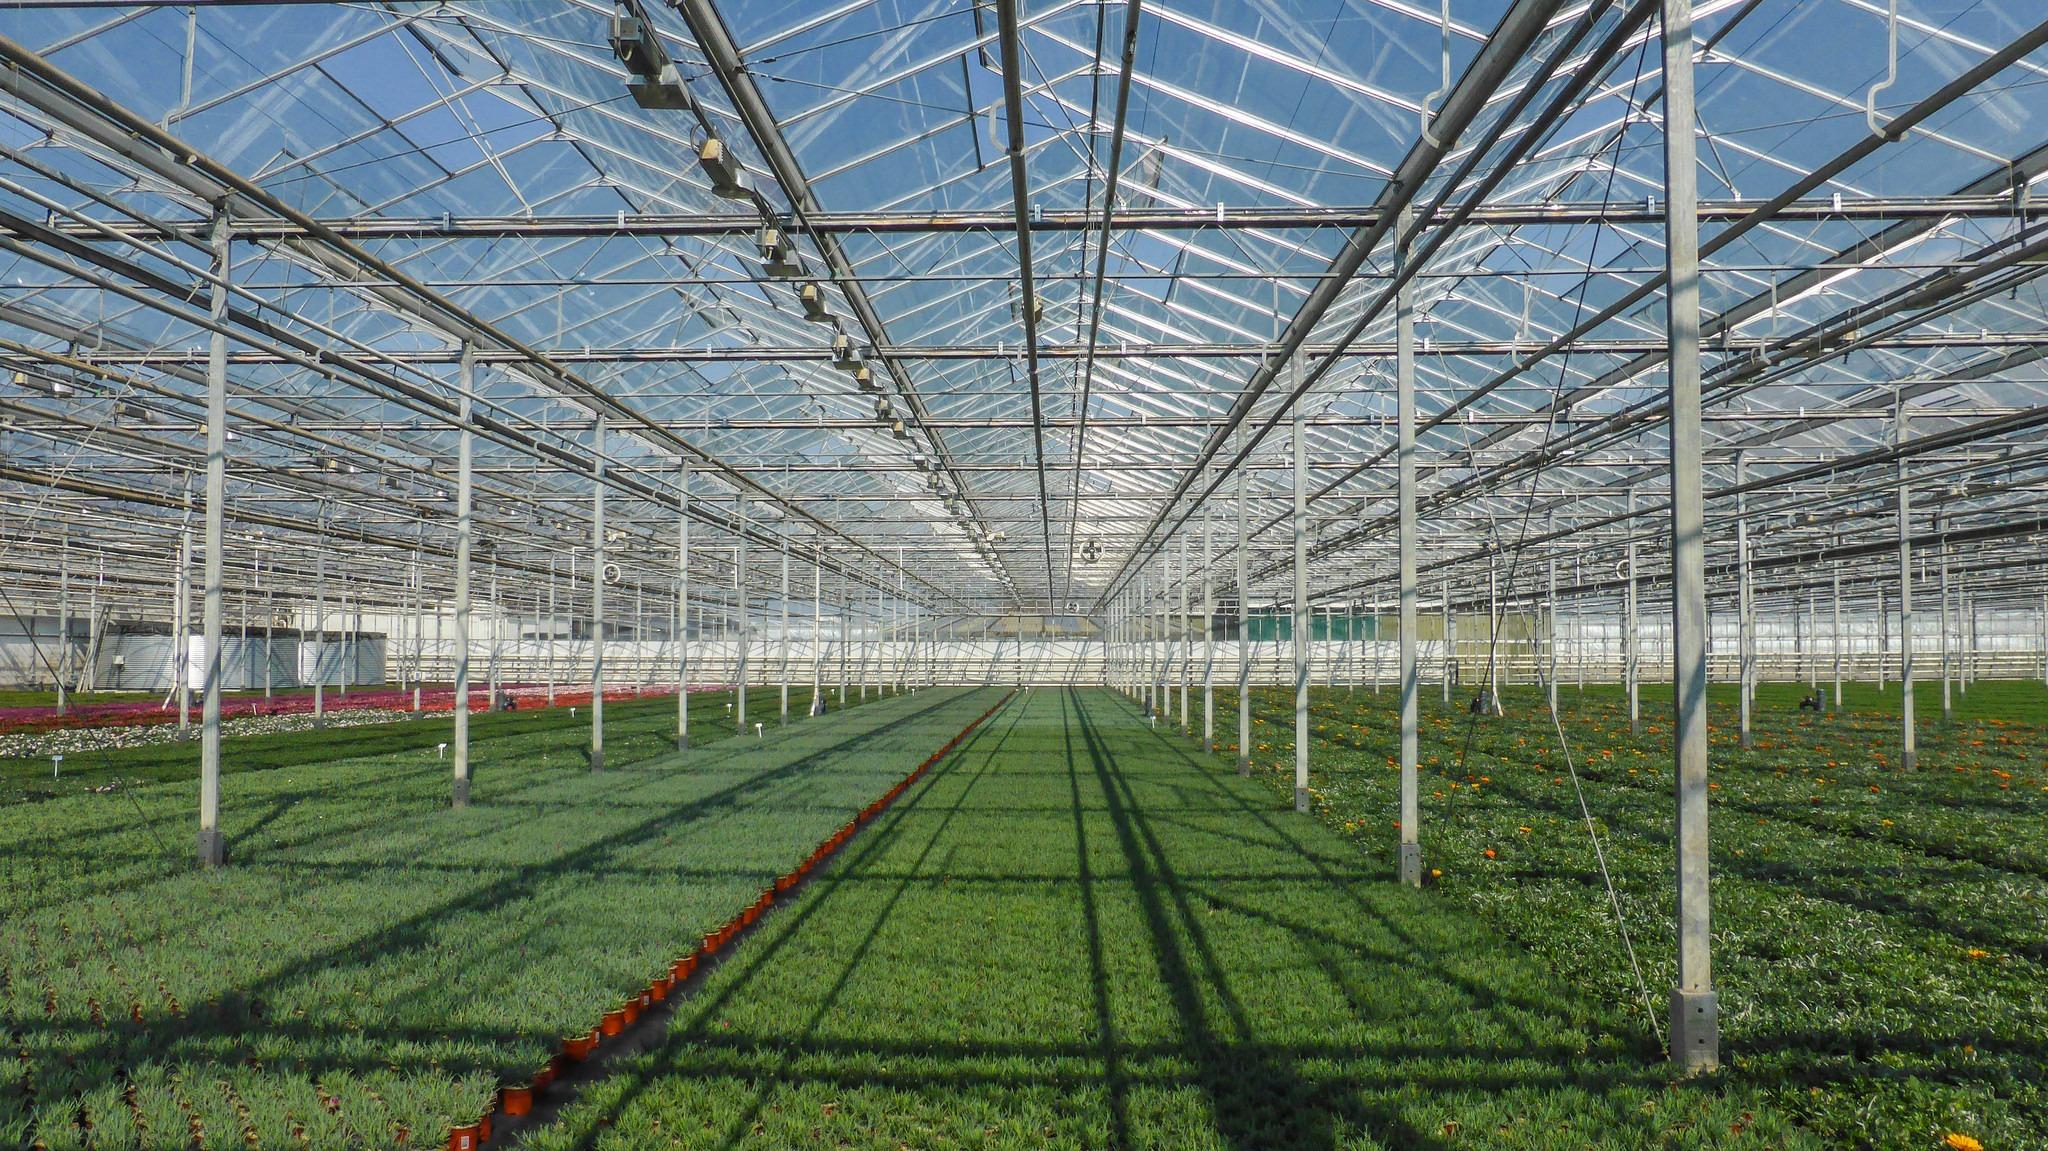 Agricultura de seră este costisitoare, dar și profitabilă. Foto: -JvL- / Flickr